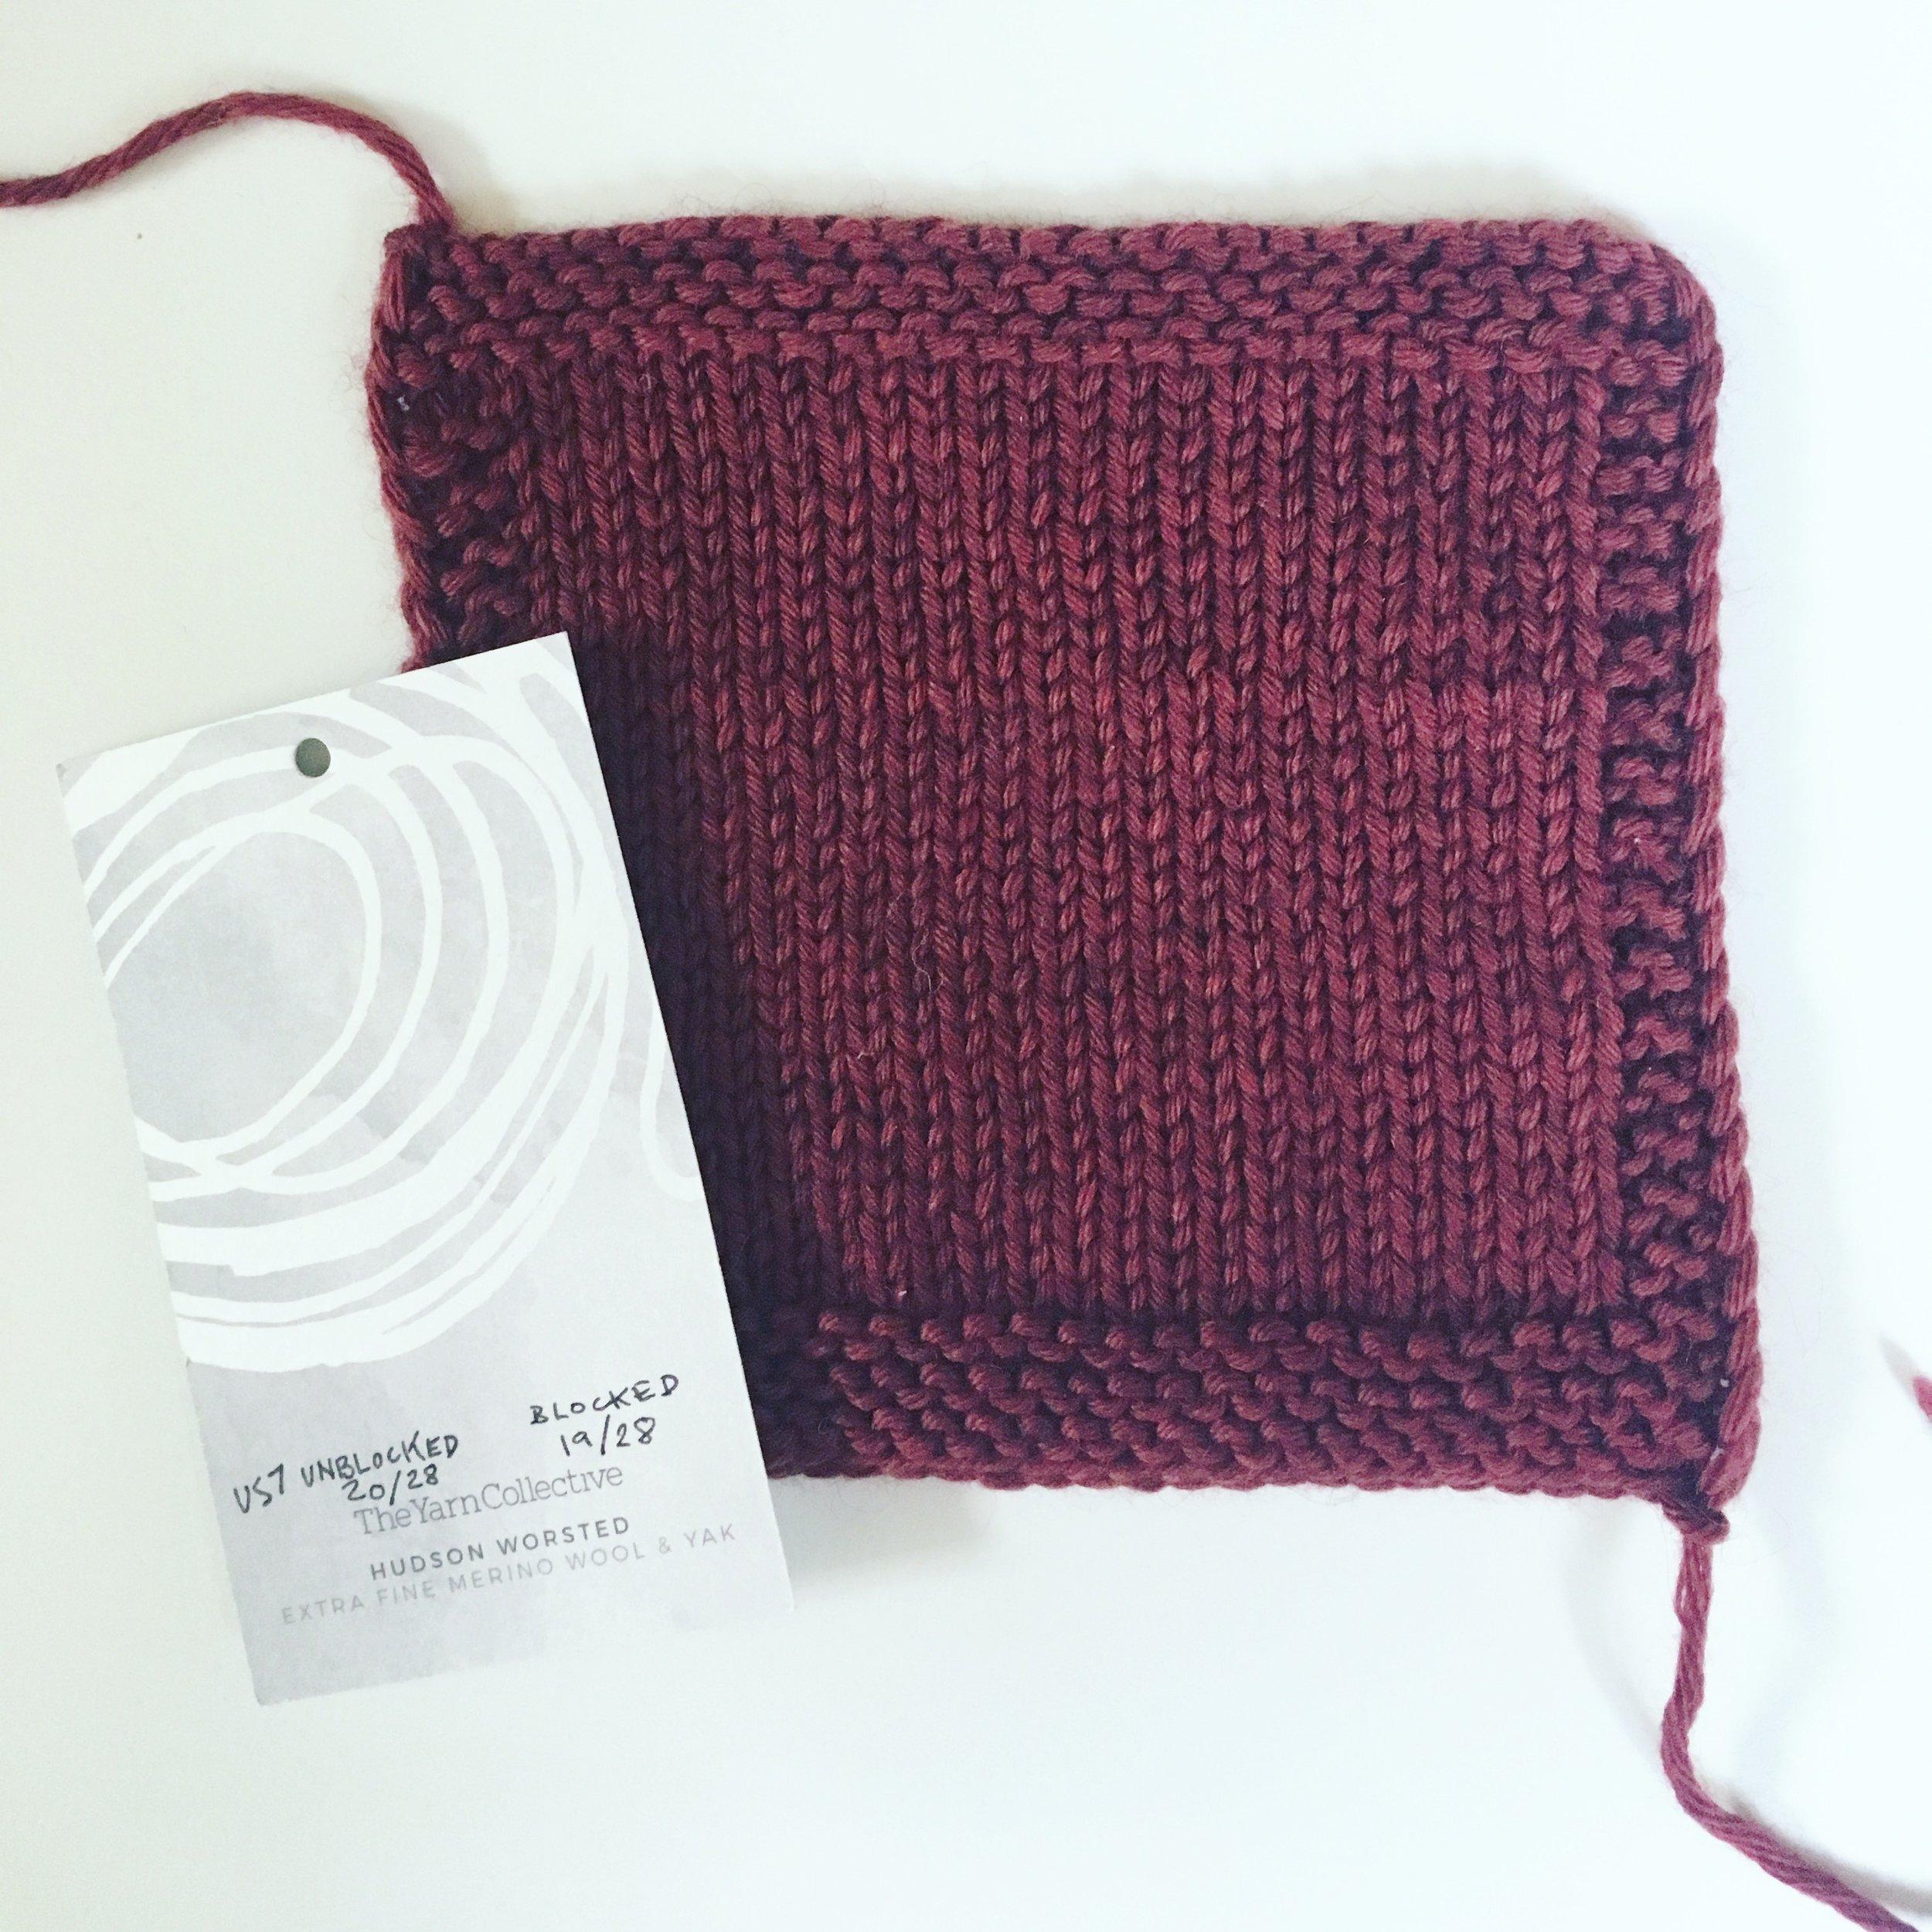 Yarn-Collective_Hudson_3